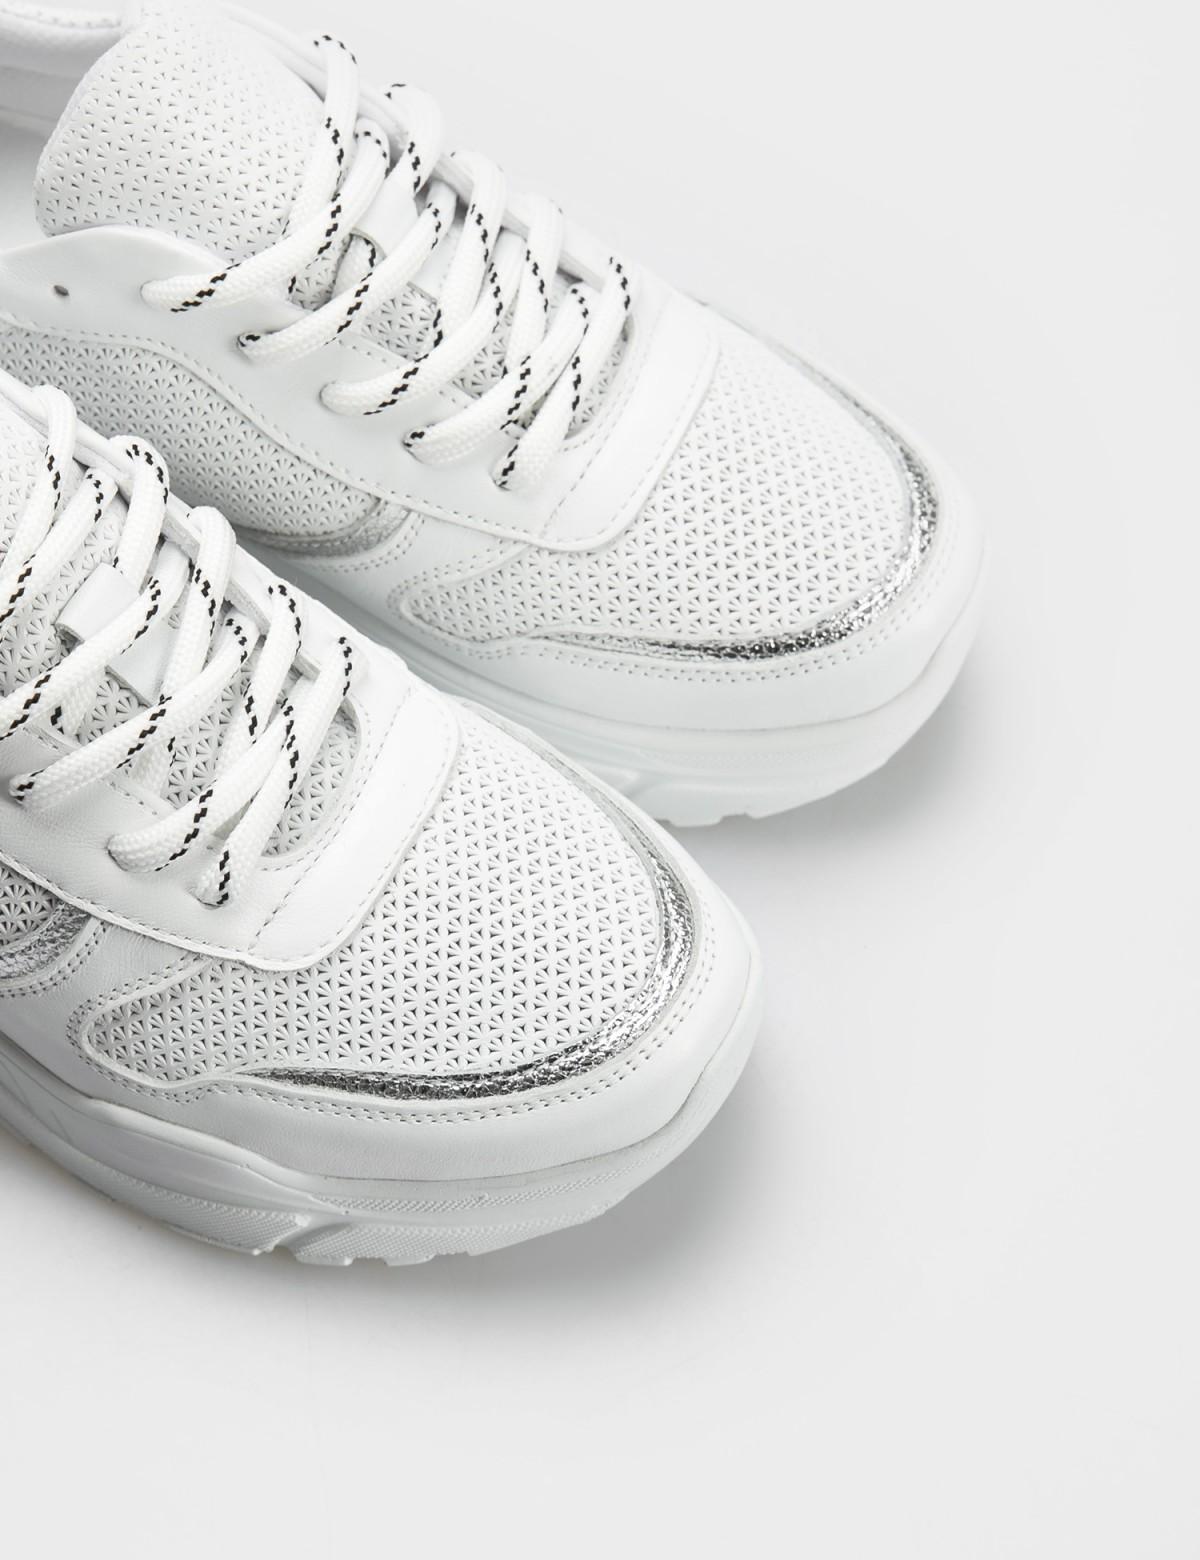 Кроссовки белые, натуральная кожа. Текстиль3